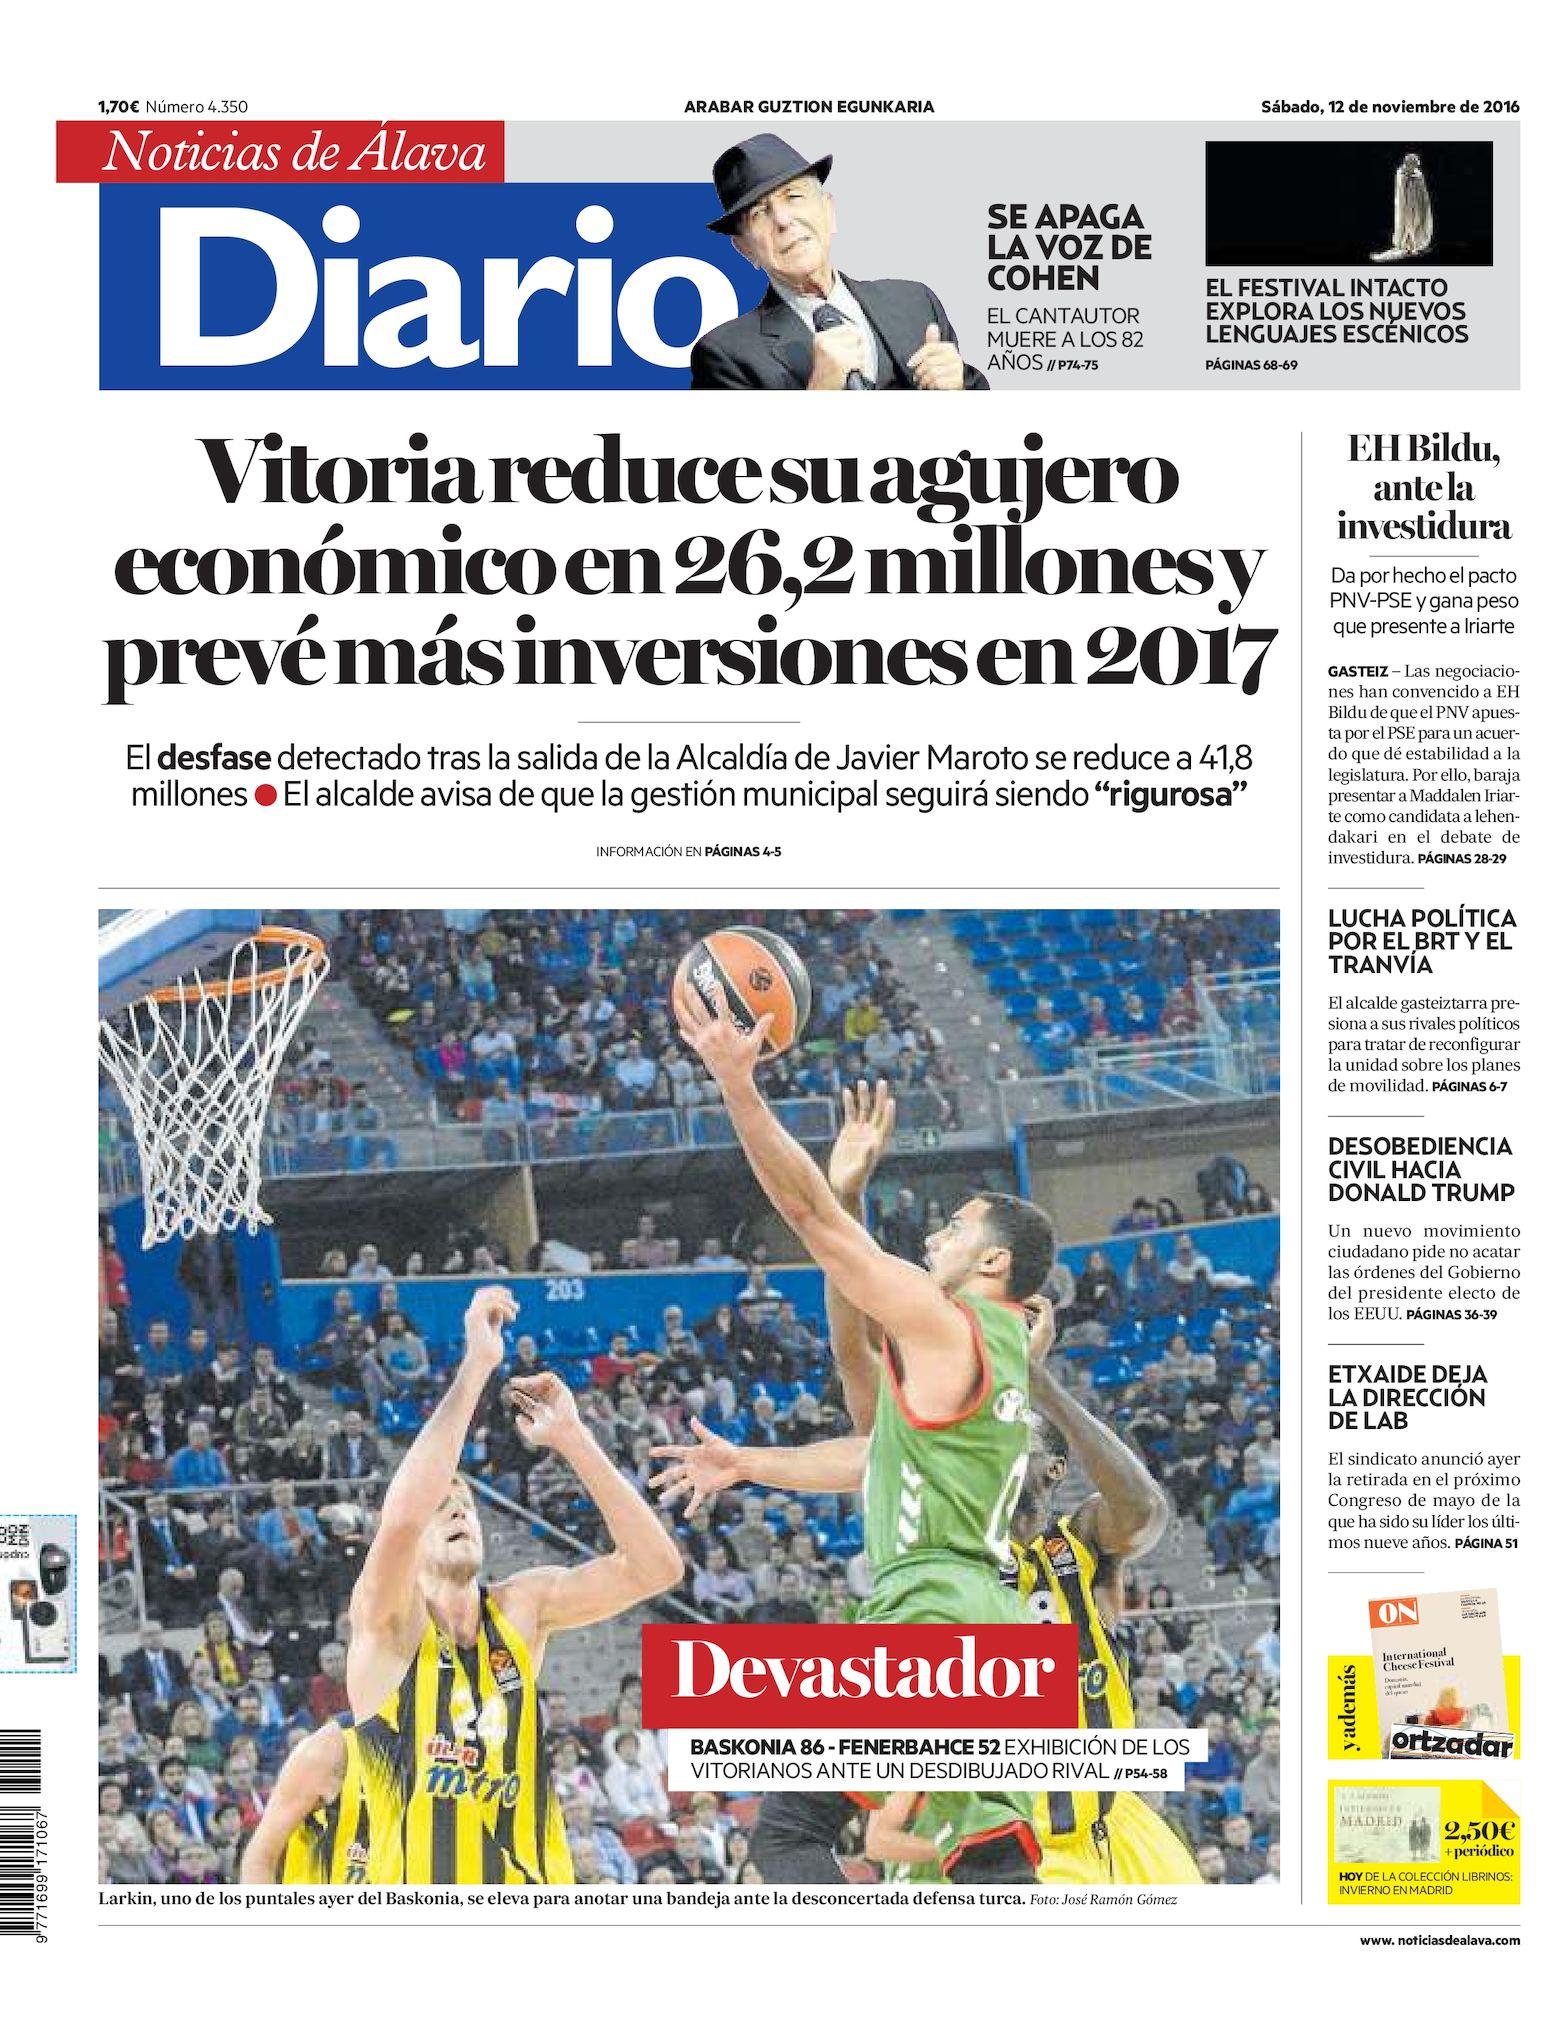 Euskadi retabet jugadores depositen al menos 50€-391028